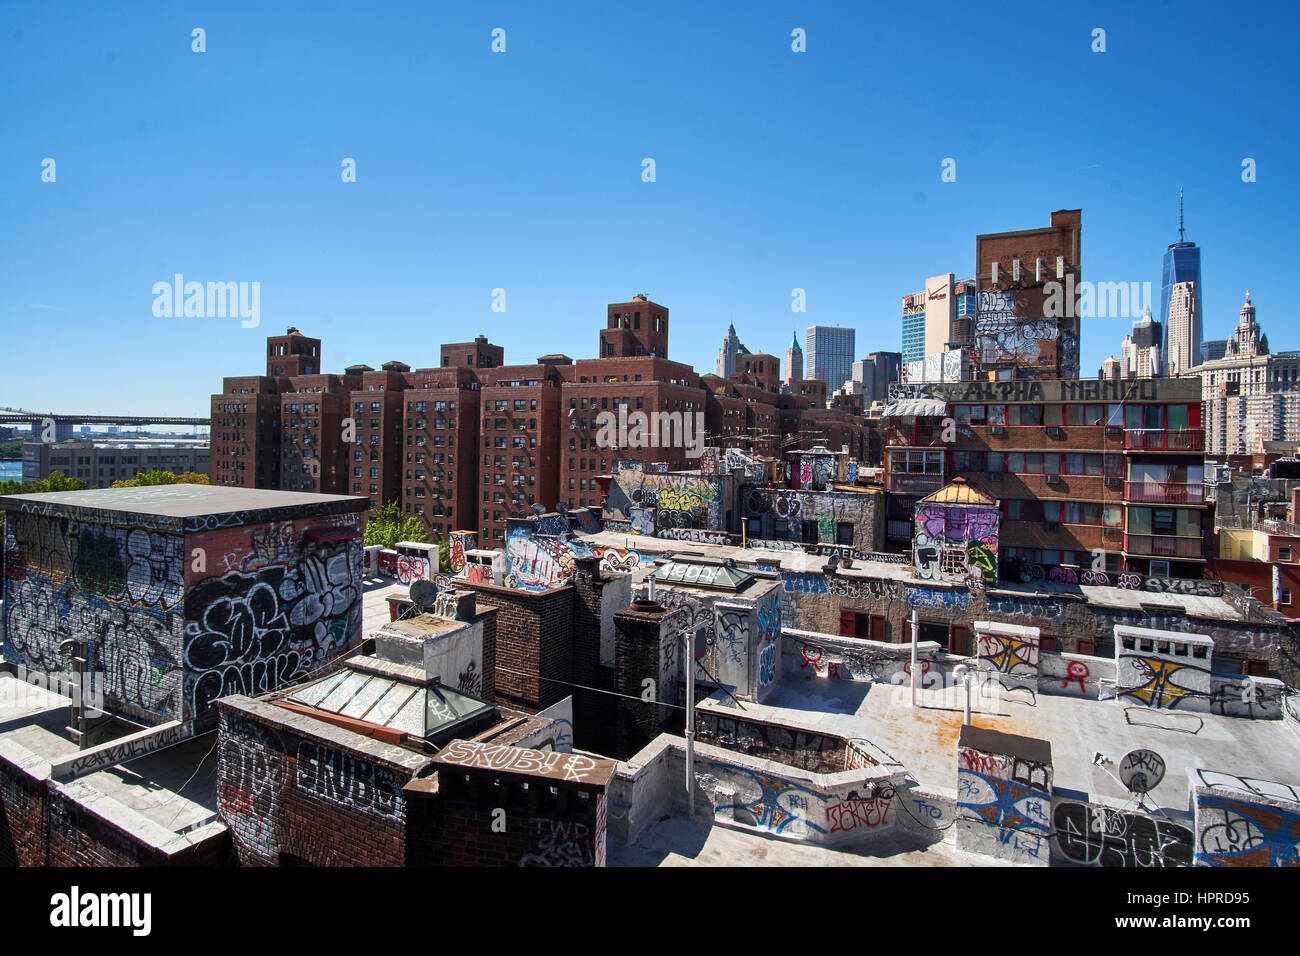 New York Slum Stock Photos Amp New York Slum Stock Images